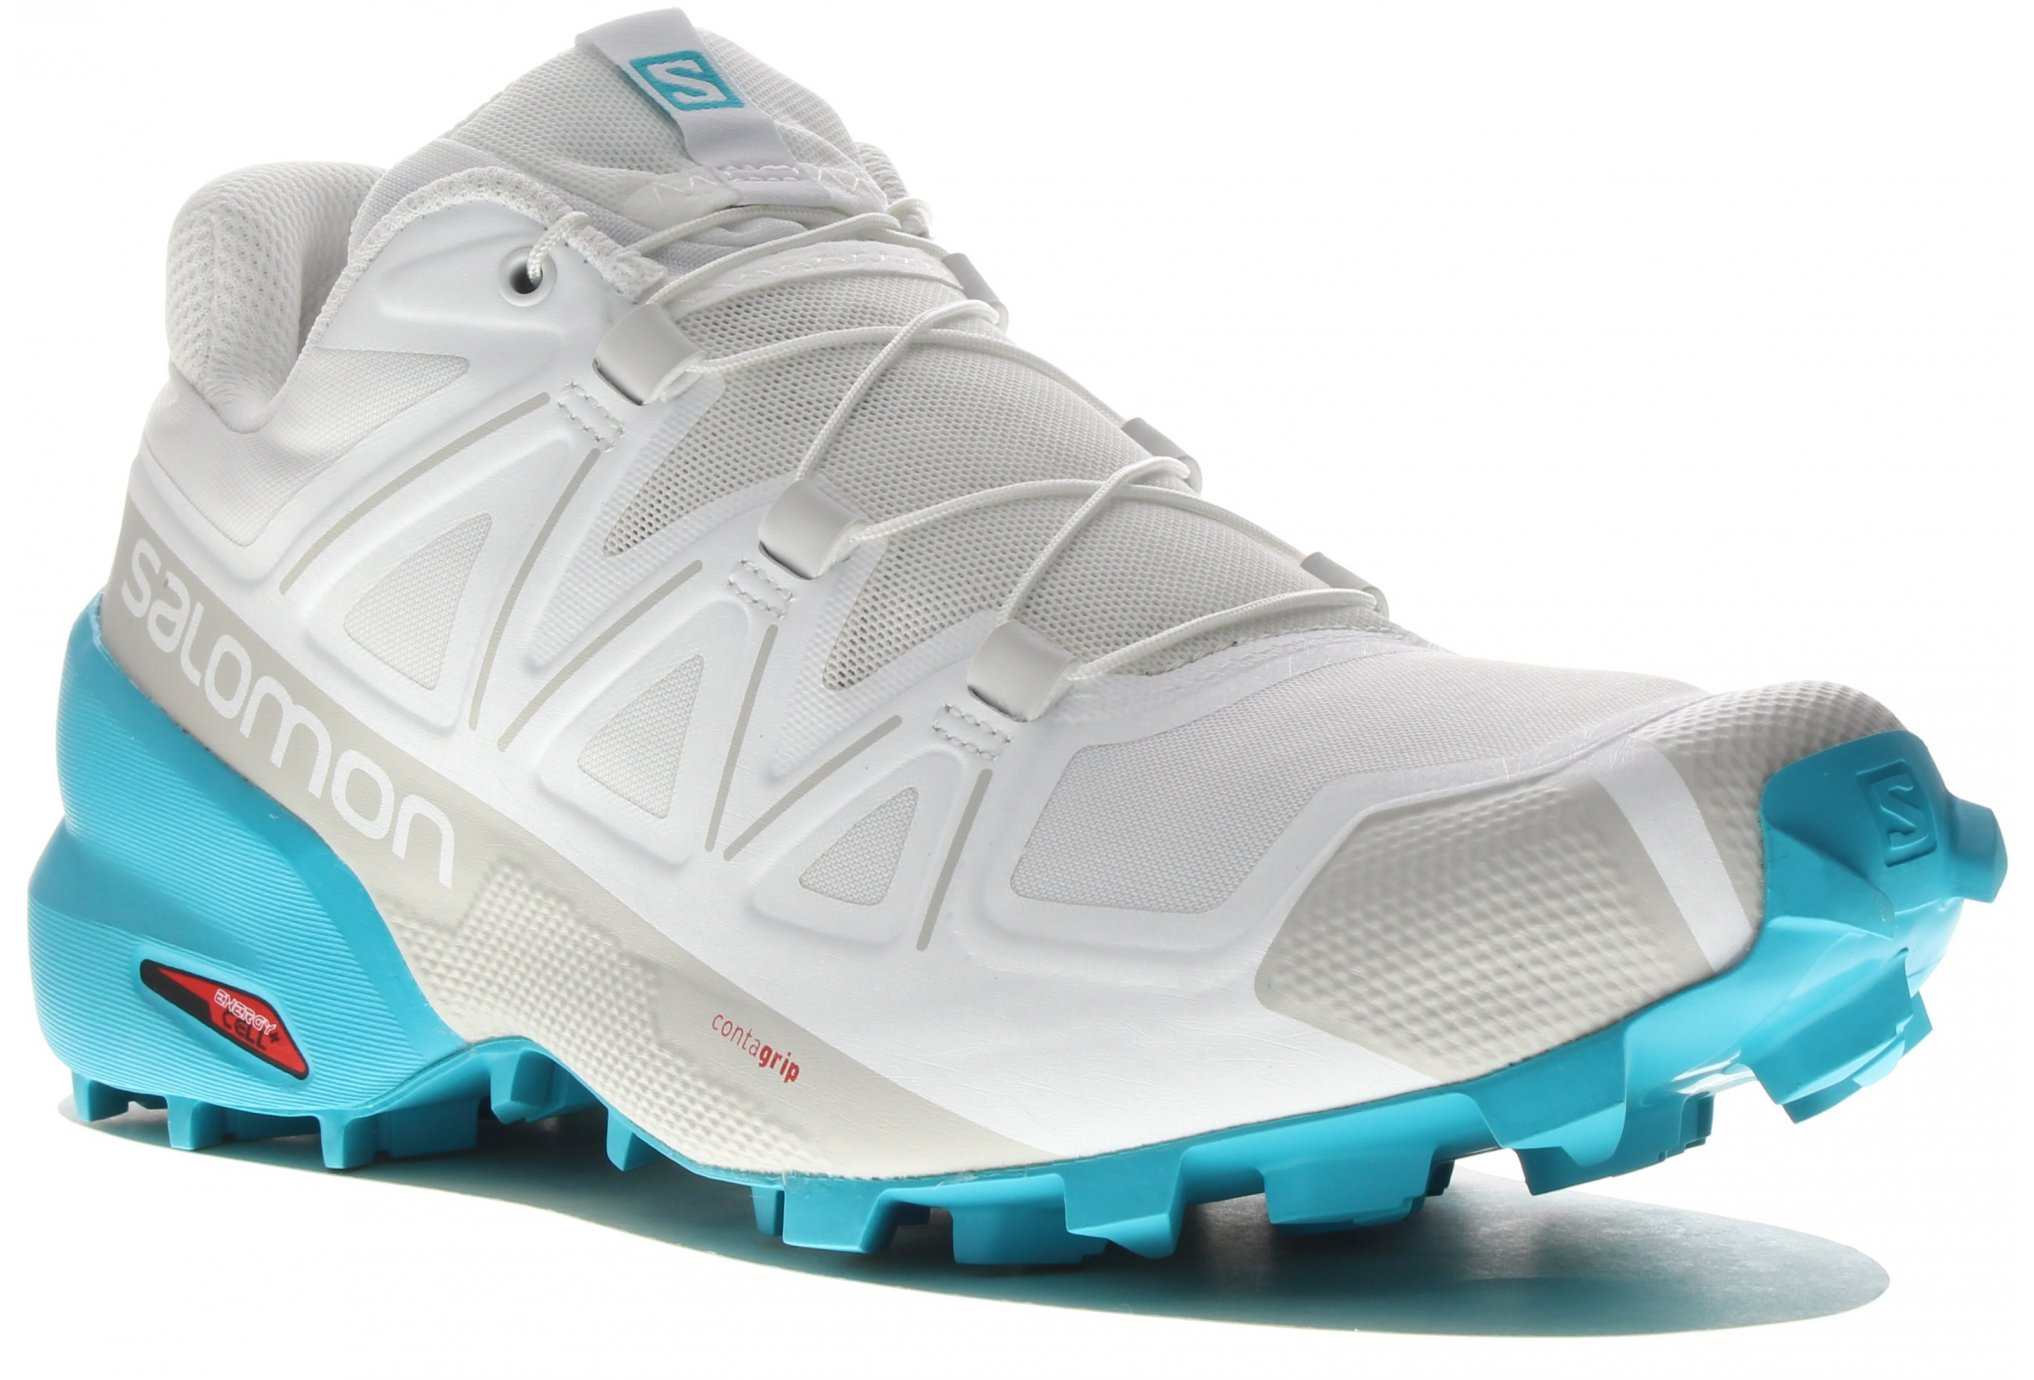 Salomon Speedcross 5 W Chaussures running femme